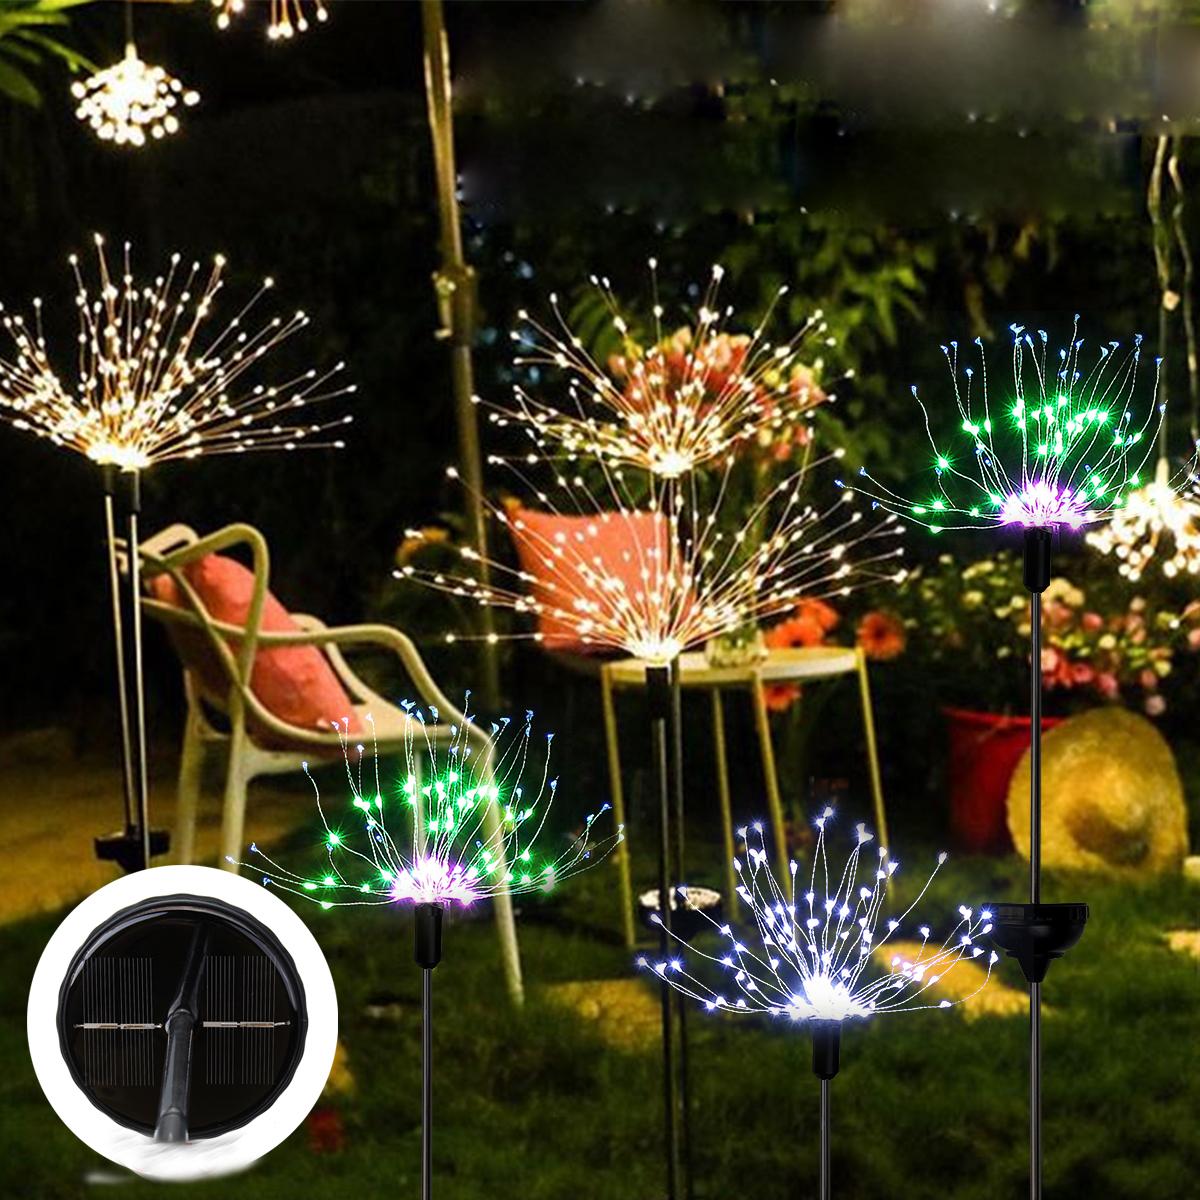 Солнечный фейерверк свет строки 90/120/150 LED Лампа На открытом воздухе Сад украшение партии